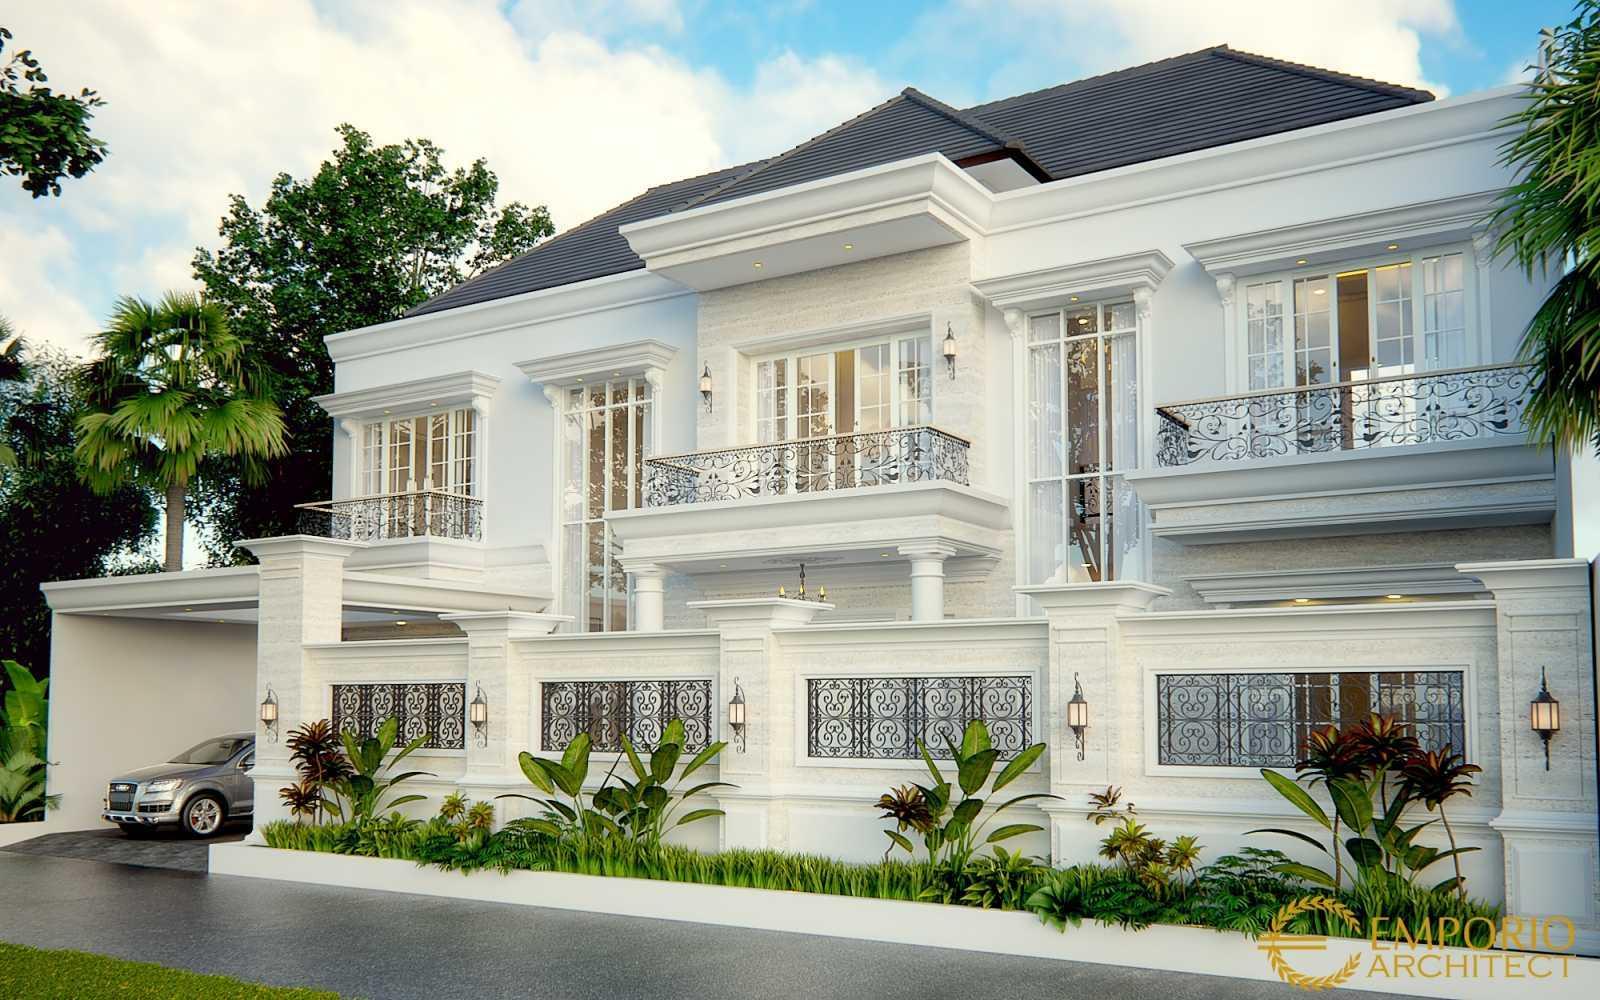 Emporio Architect Desain Rumah Classic Tropis 620 @ Jambi Jambi, Kota Jambi, Jambi, Indonesia Jambi, Kota Jambi, Jambi, Indonesia Emporio-Architect-Desain-Rumah-Classic-Tropis-620-Jambi   78239